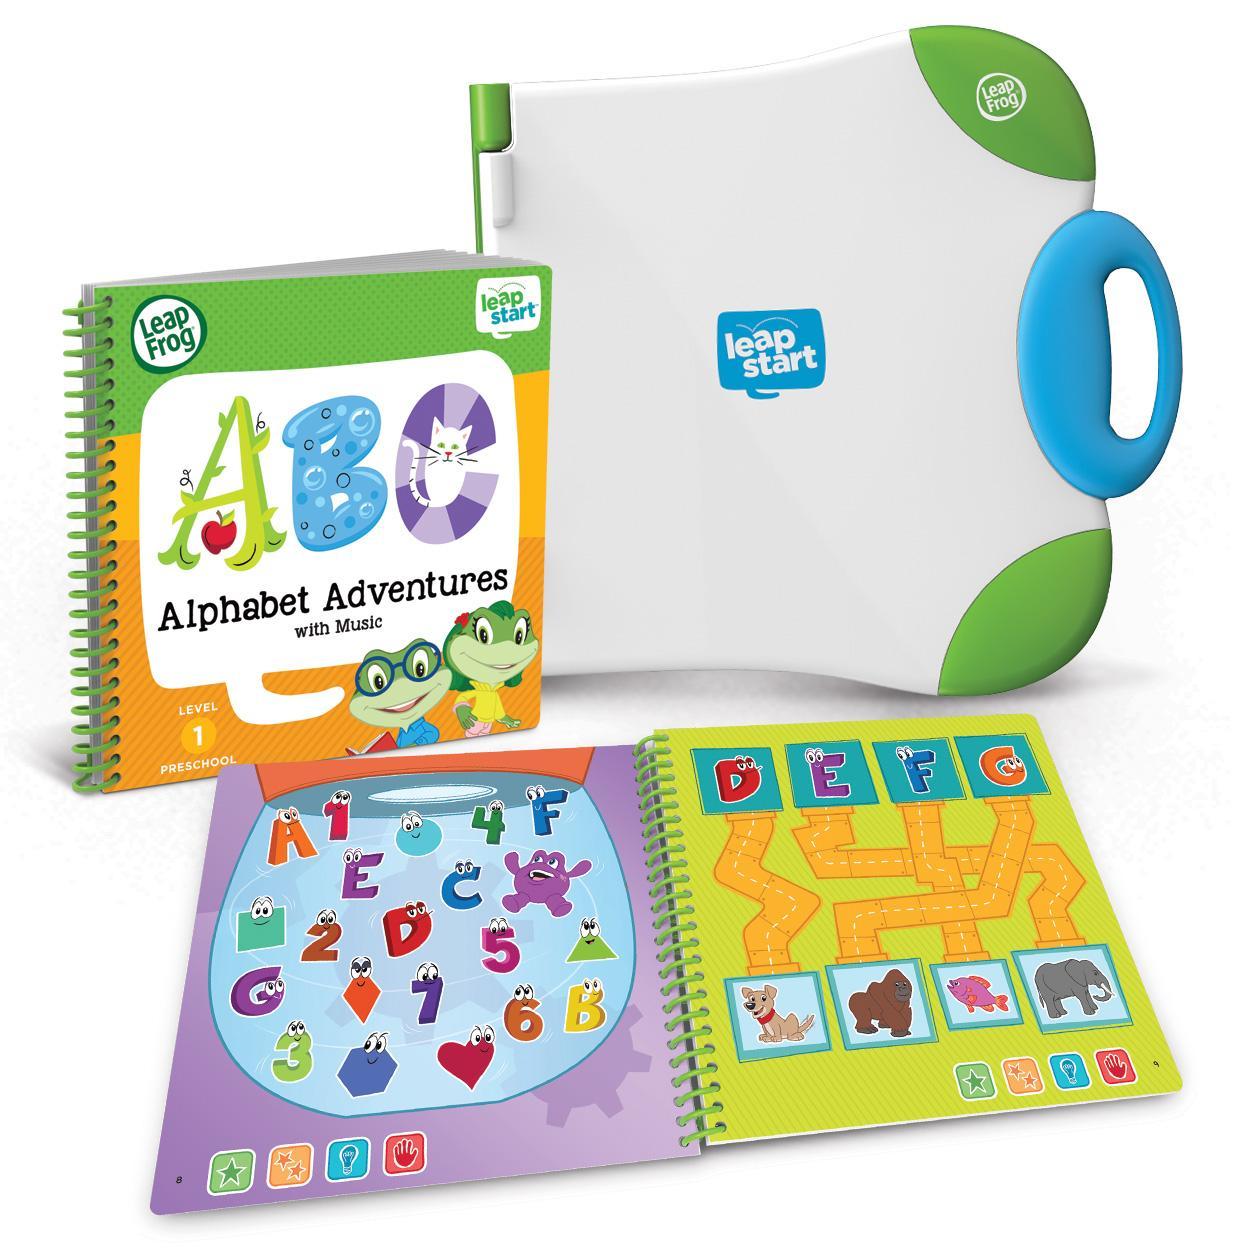 leapfrog preschool leapfrog leapstart preschool activity book alphabet 635